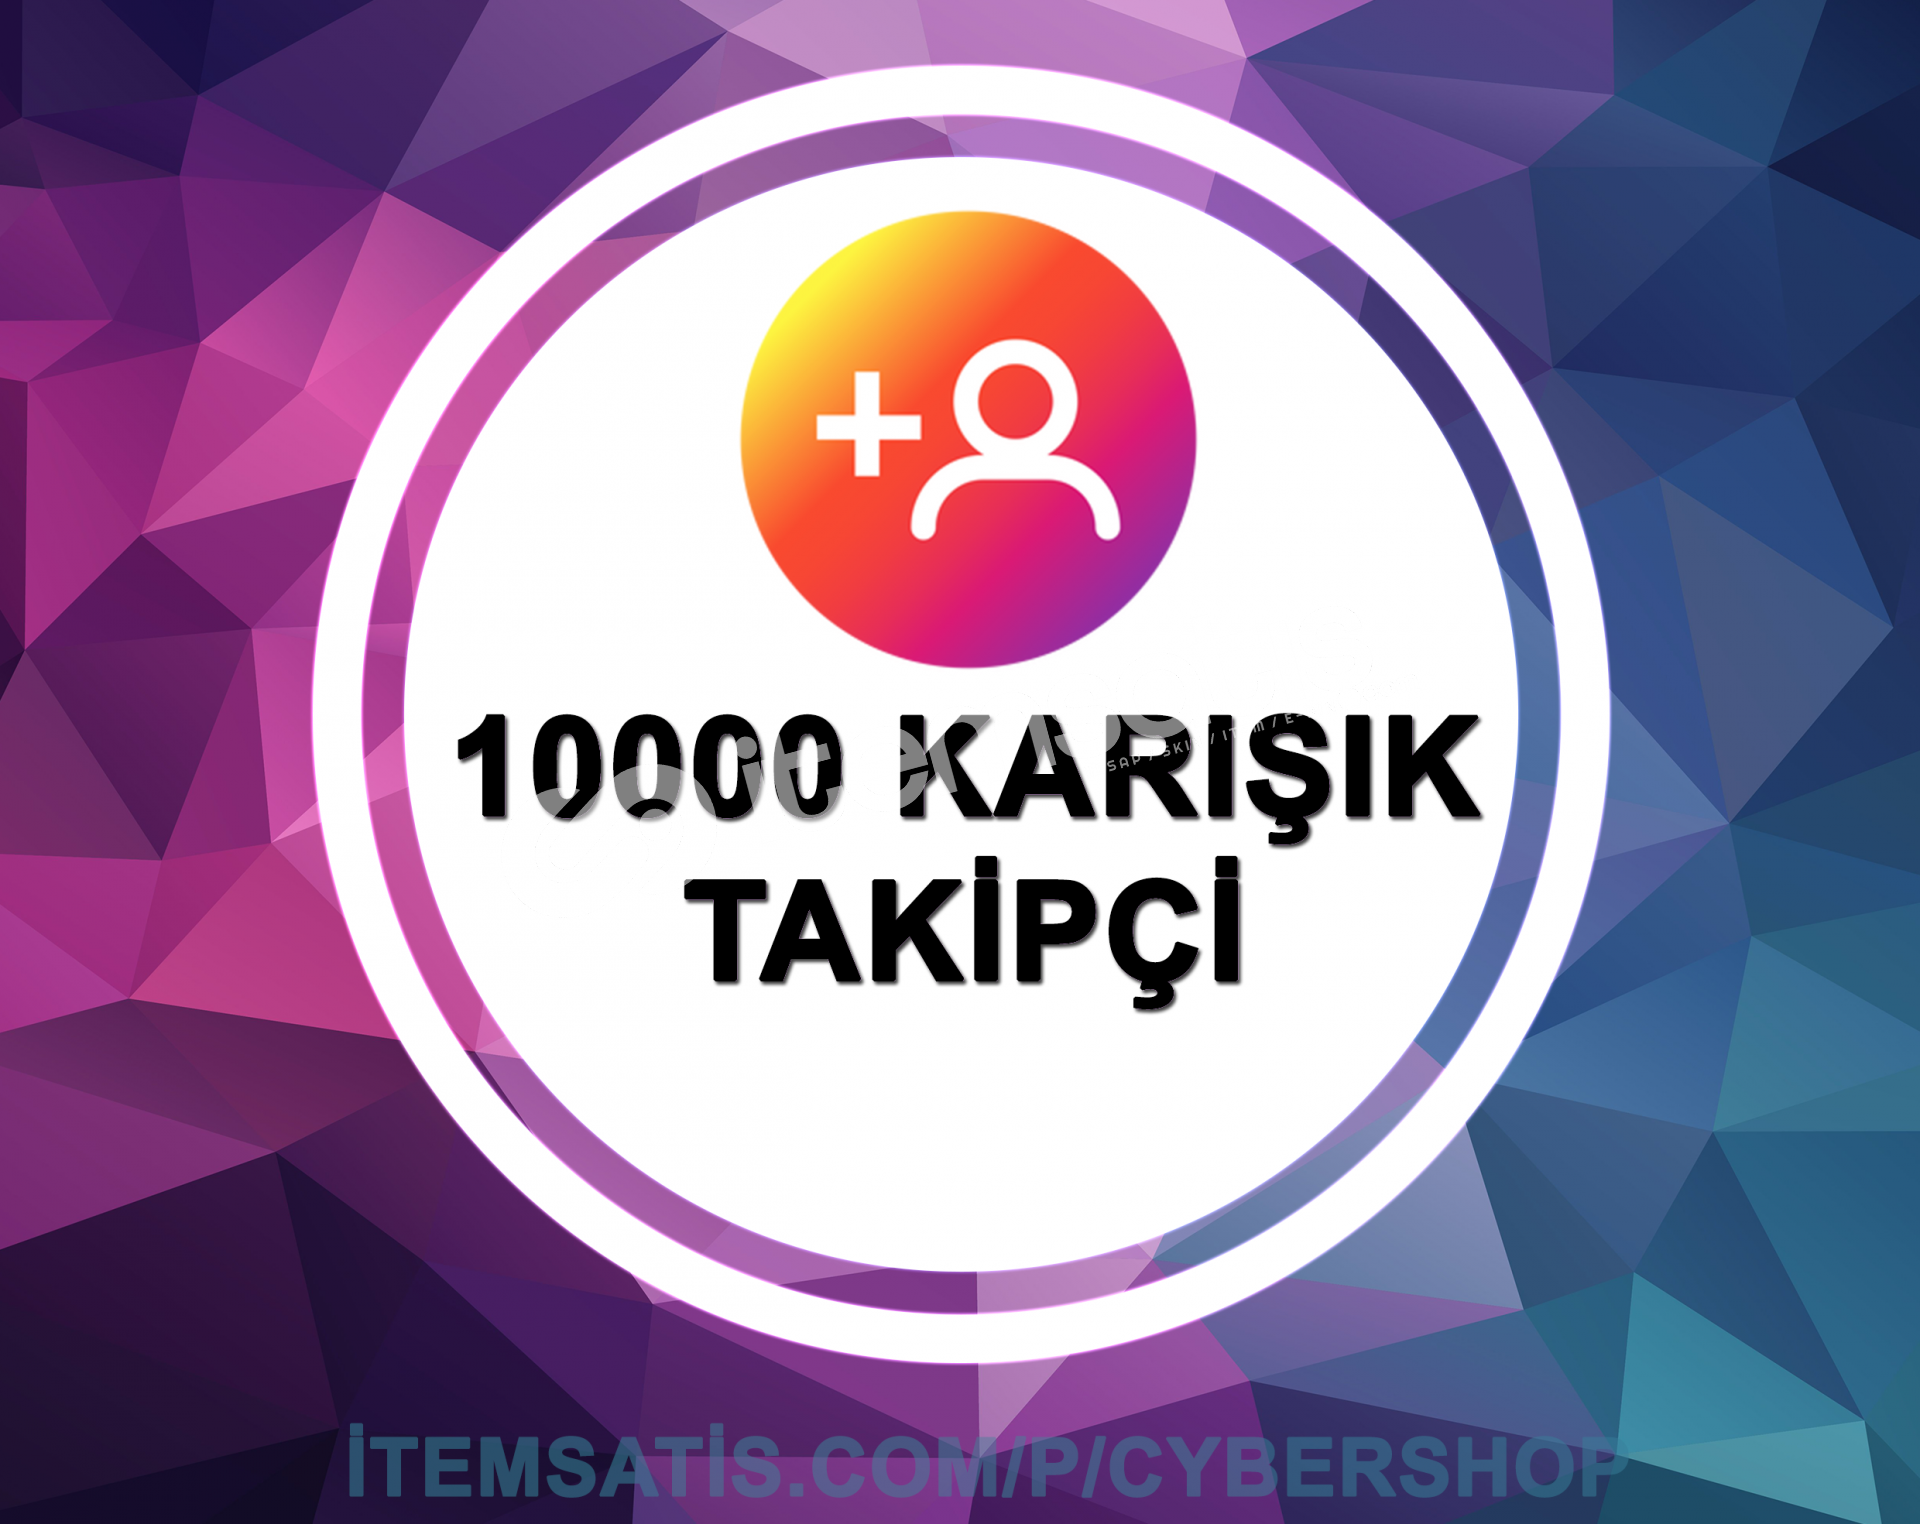 10.000 İnstagram [KARIŞIK] Takipçi